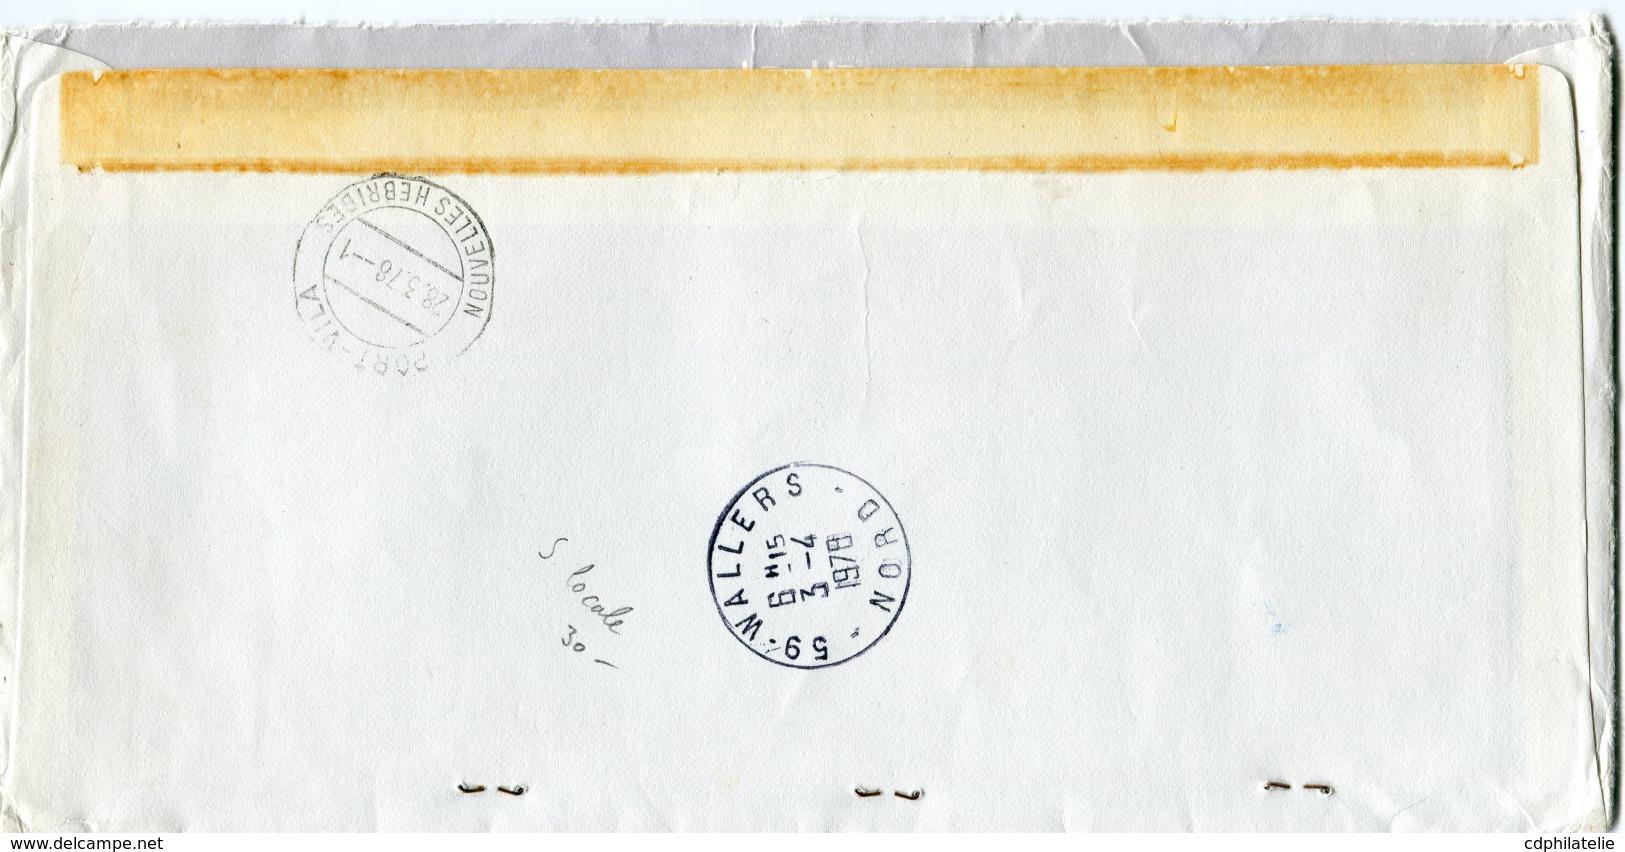 NOUVELLES-HEBRIDES LETTRE RECOMMANDEE PAR AVION DEPART PORT-VILA 28-3-78 NOUVELLES-HEBRIDES POUR LA FRANCE - Briefe U. Dokumente